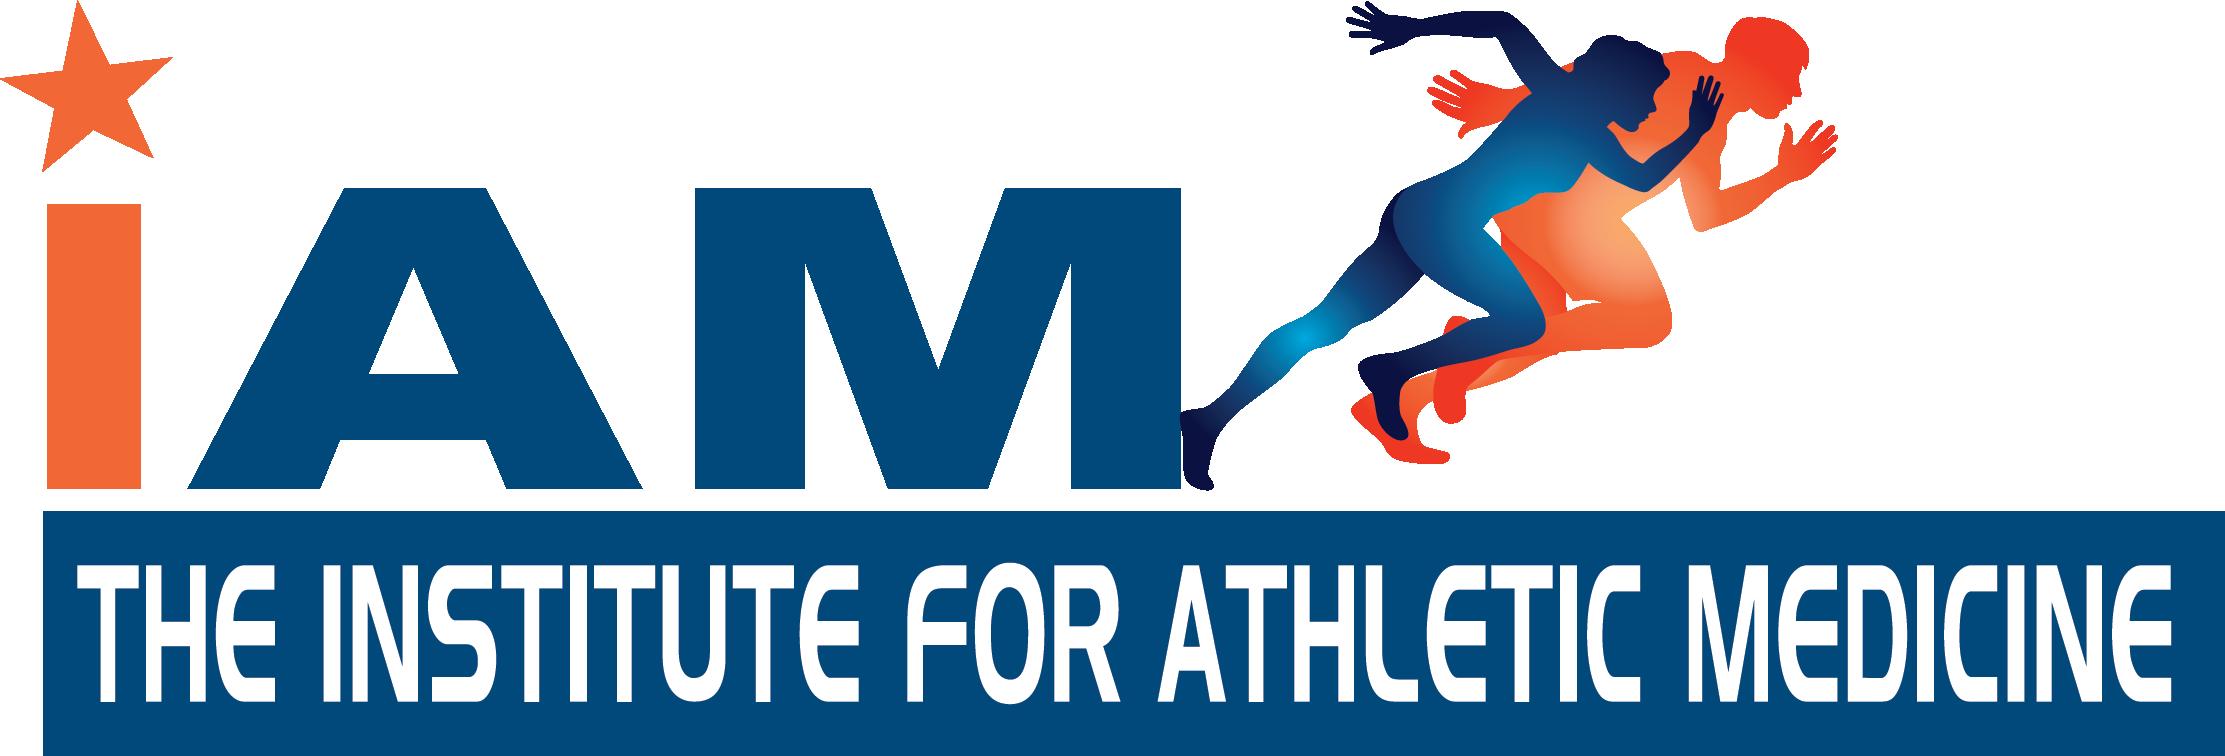 The Institute for Athletic Medicine